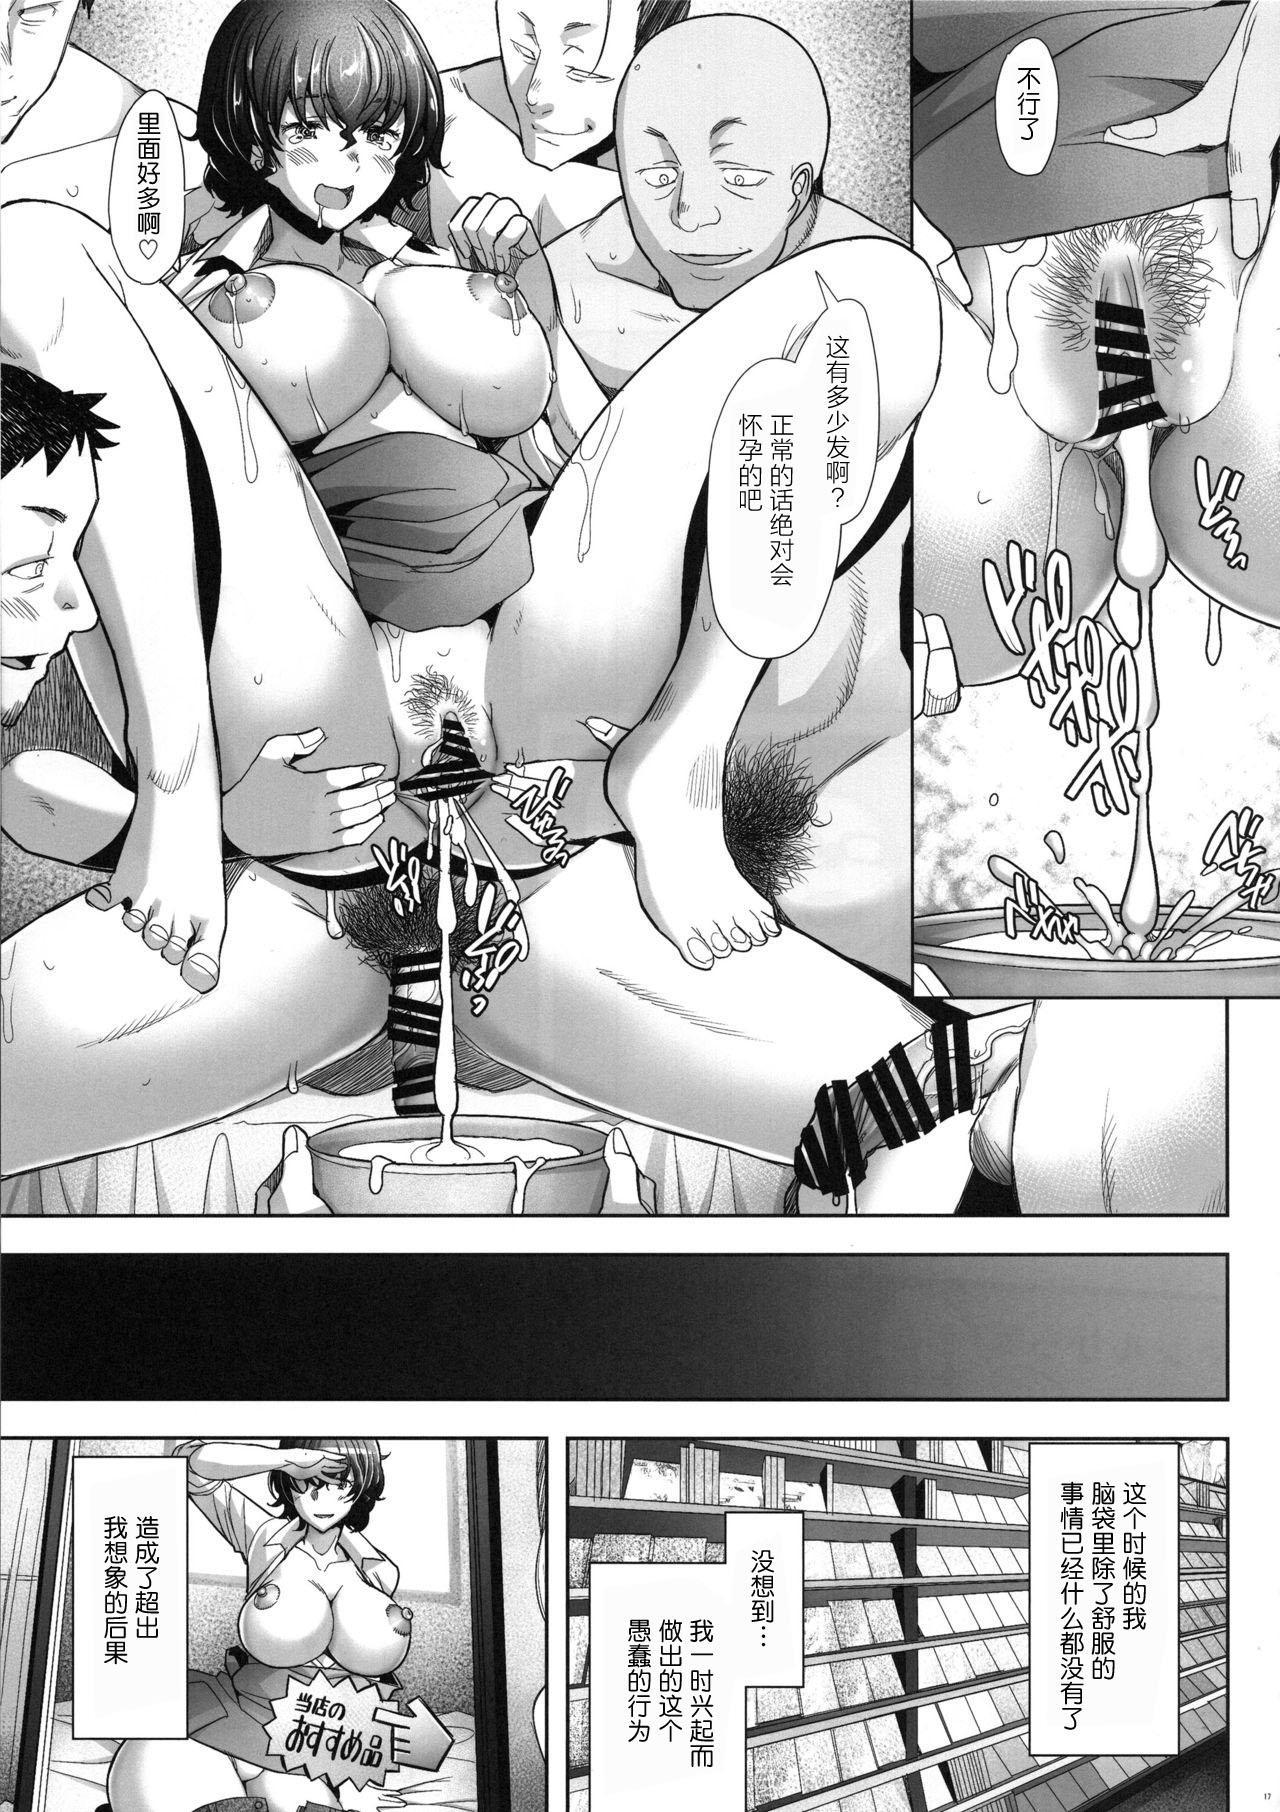 Ochinpo no Yuuwaku ni Katezu ni Futatabi AV ni Torareta Shimau Bijin Hitozuma 16